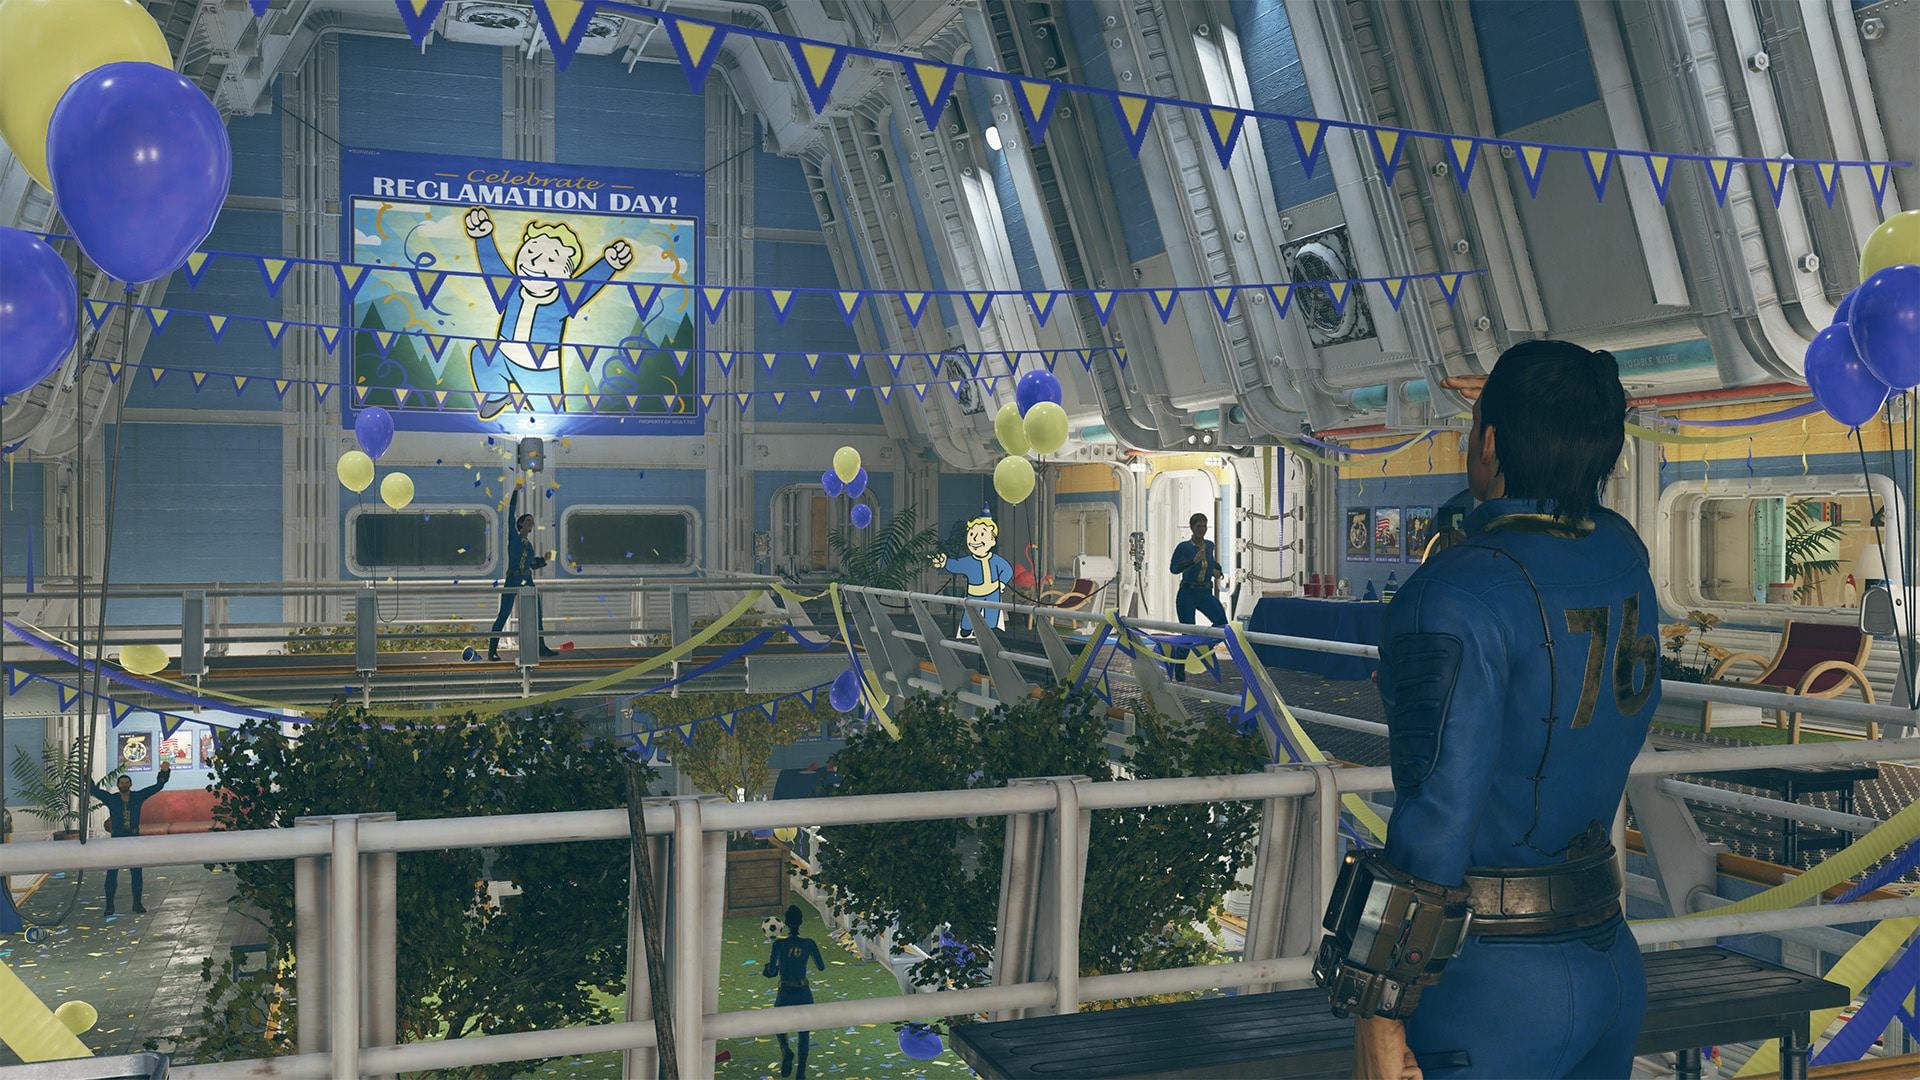 Der Rückeroberungstag in Fallout 76